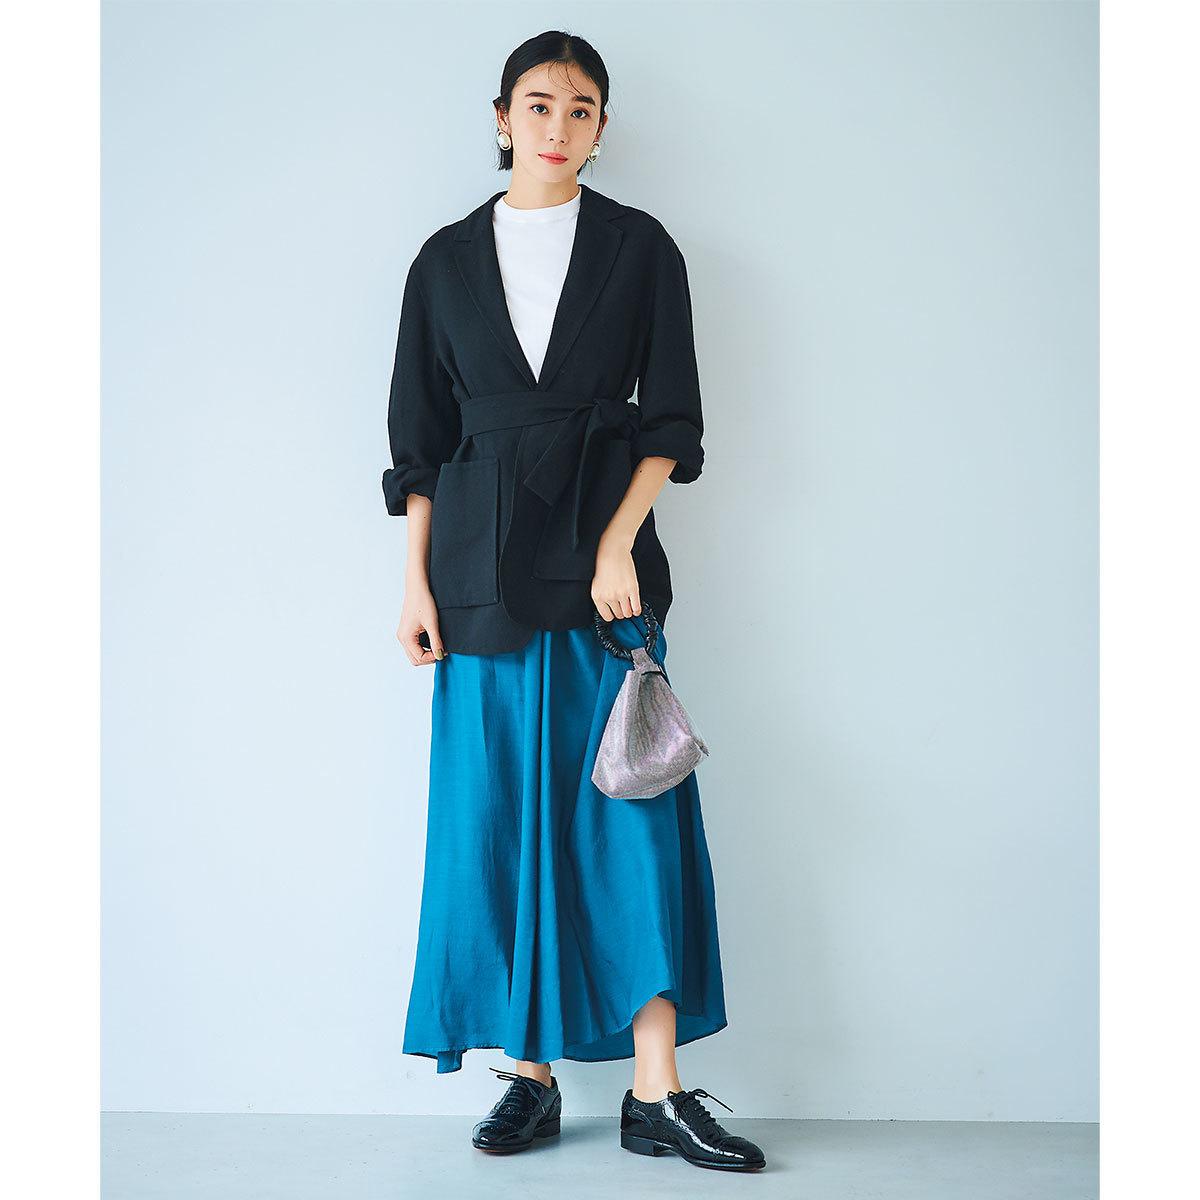 ■黒のジャケット×コバルトブルーのスカートコーデ